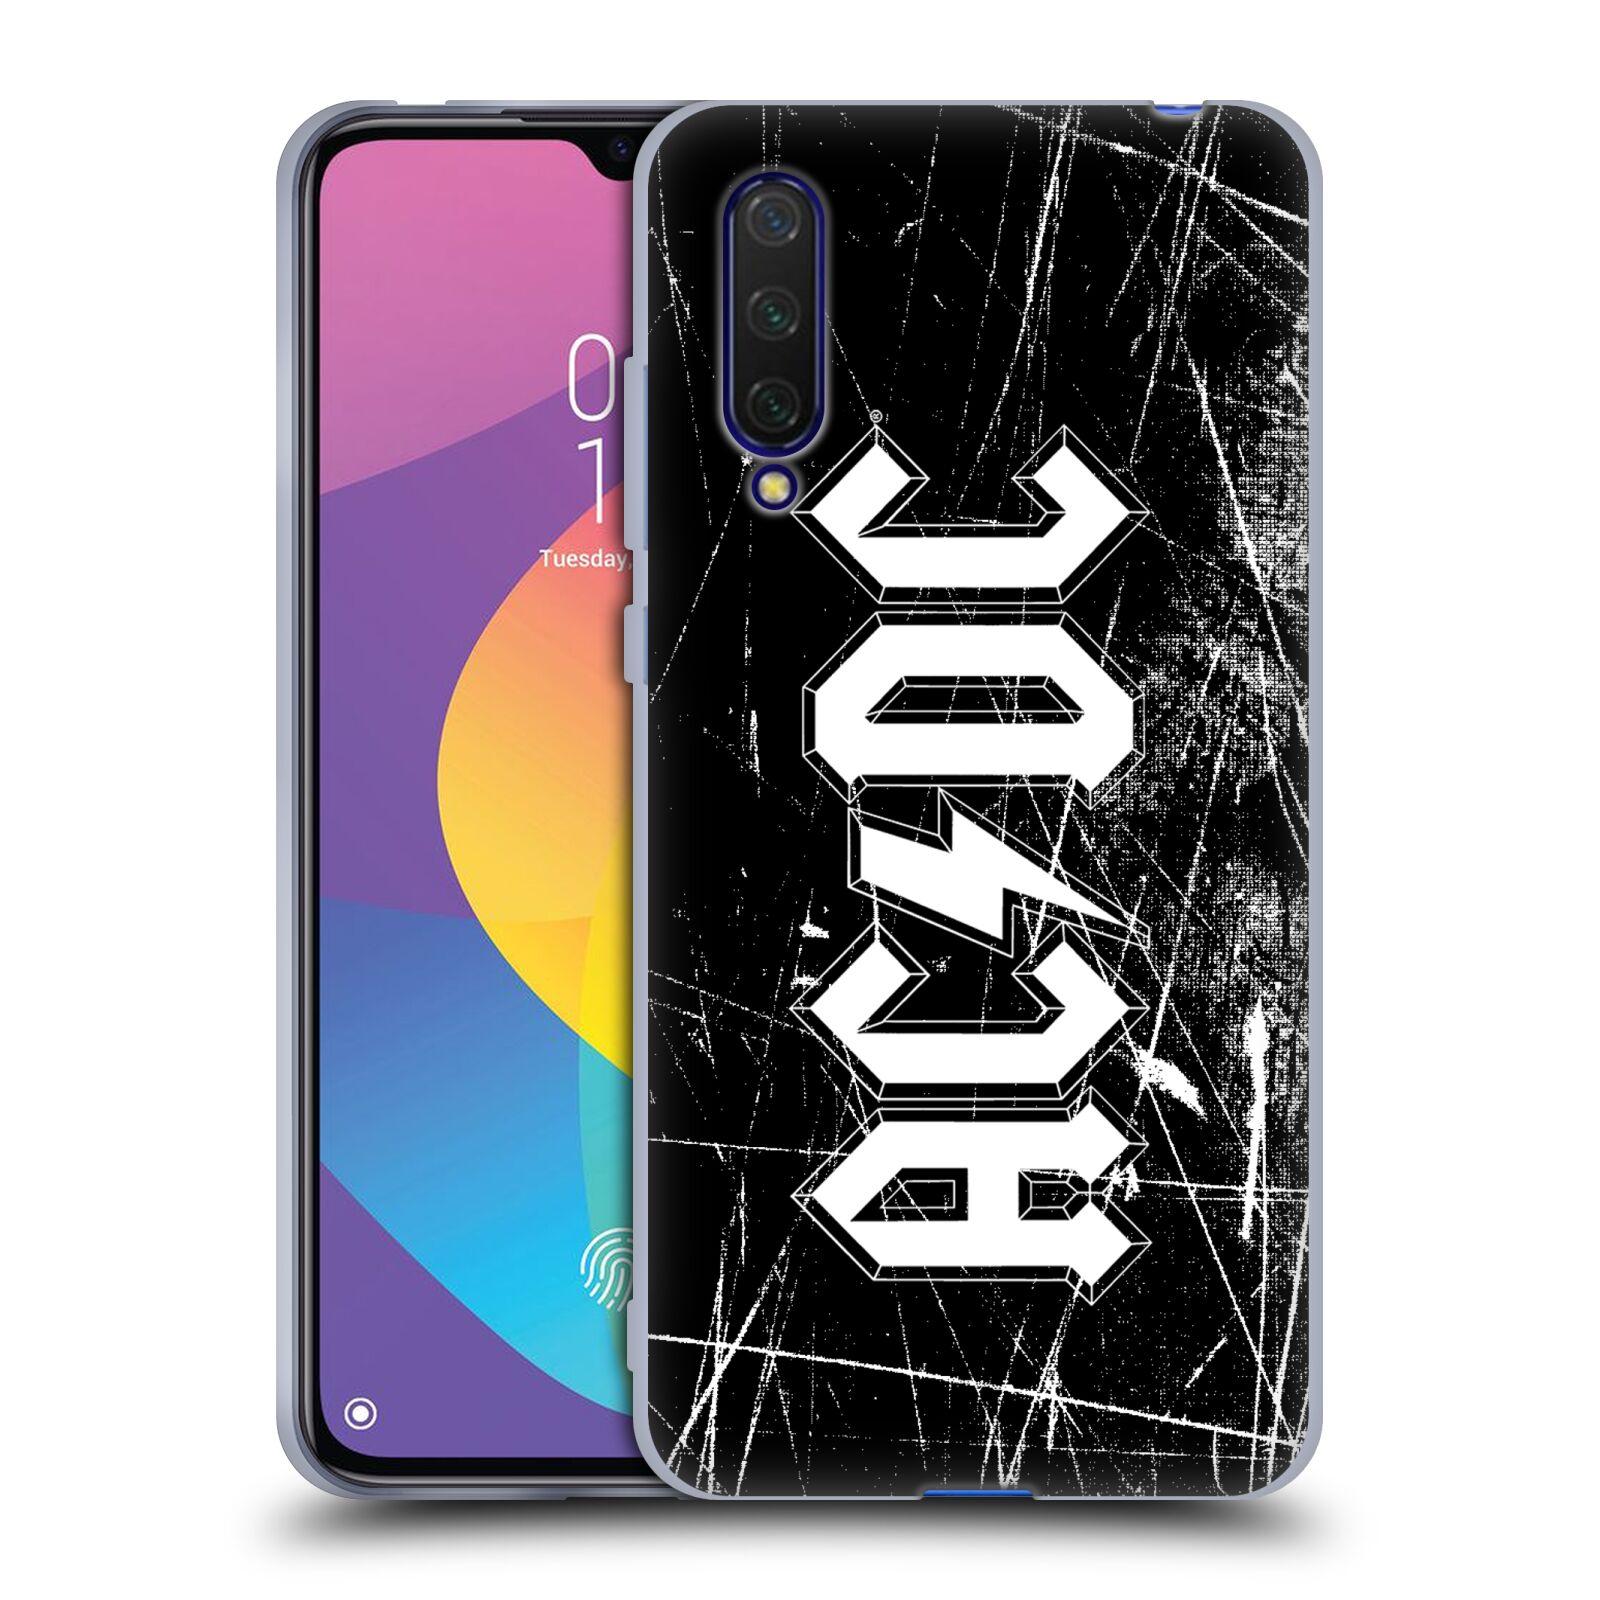 Silikonové pouzdro na mobil Xiaomi Mi 9 Lite - Head Case - AC/DC Černobílé logo